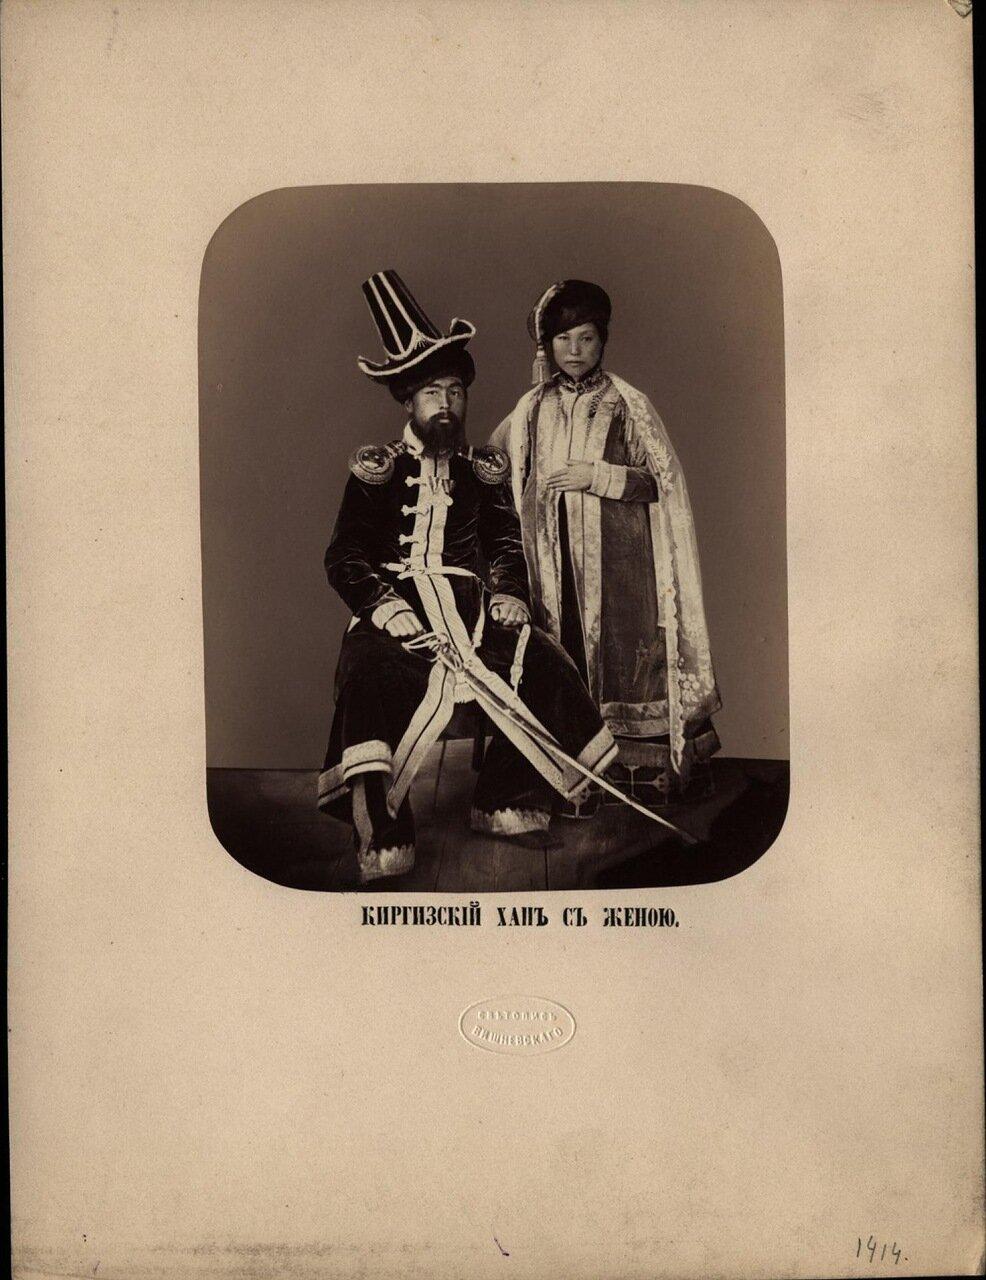 Киргизский хан с женой . Ателье «Светопись Вишневского». - Начало 1870-х.